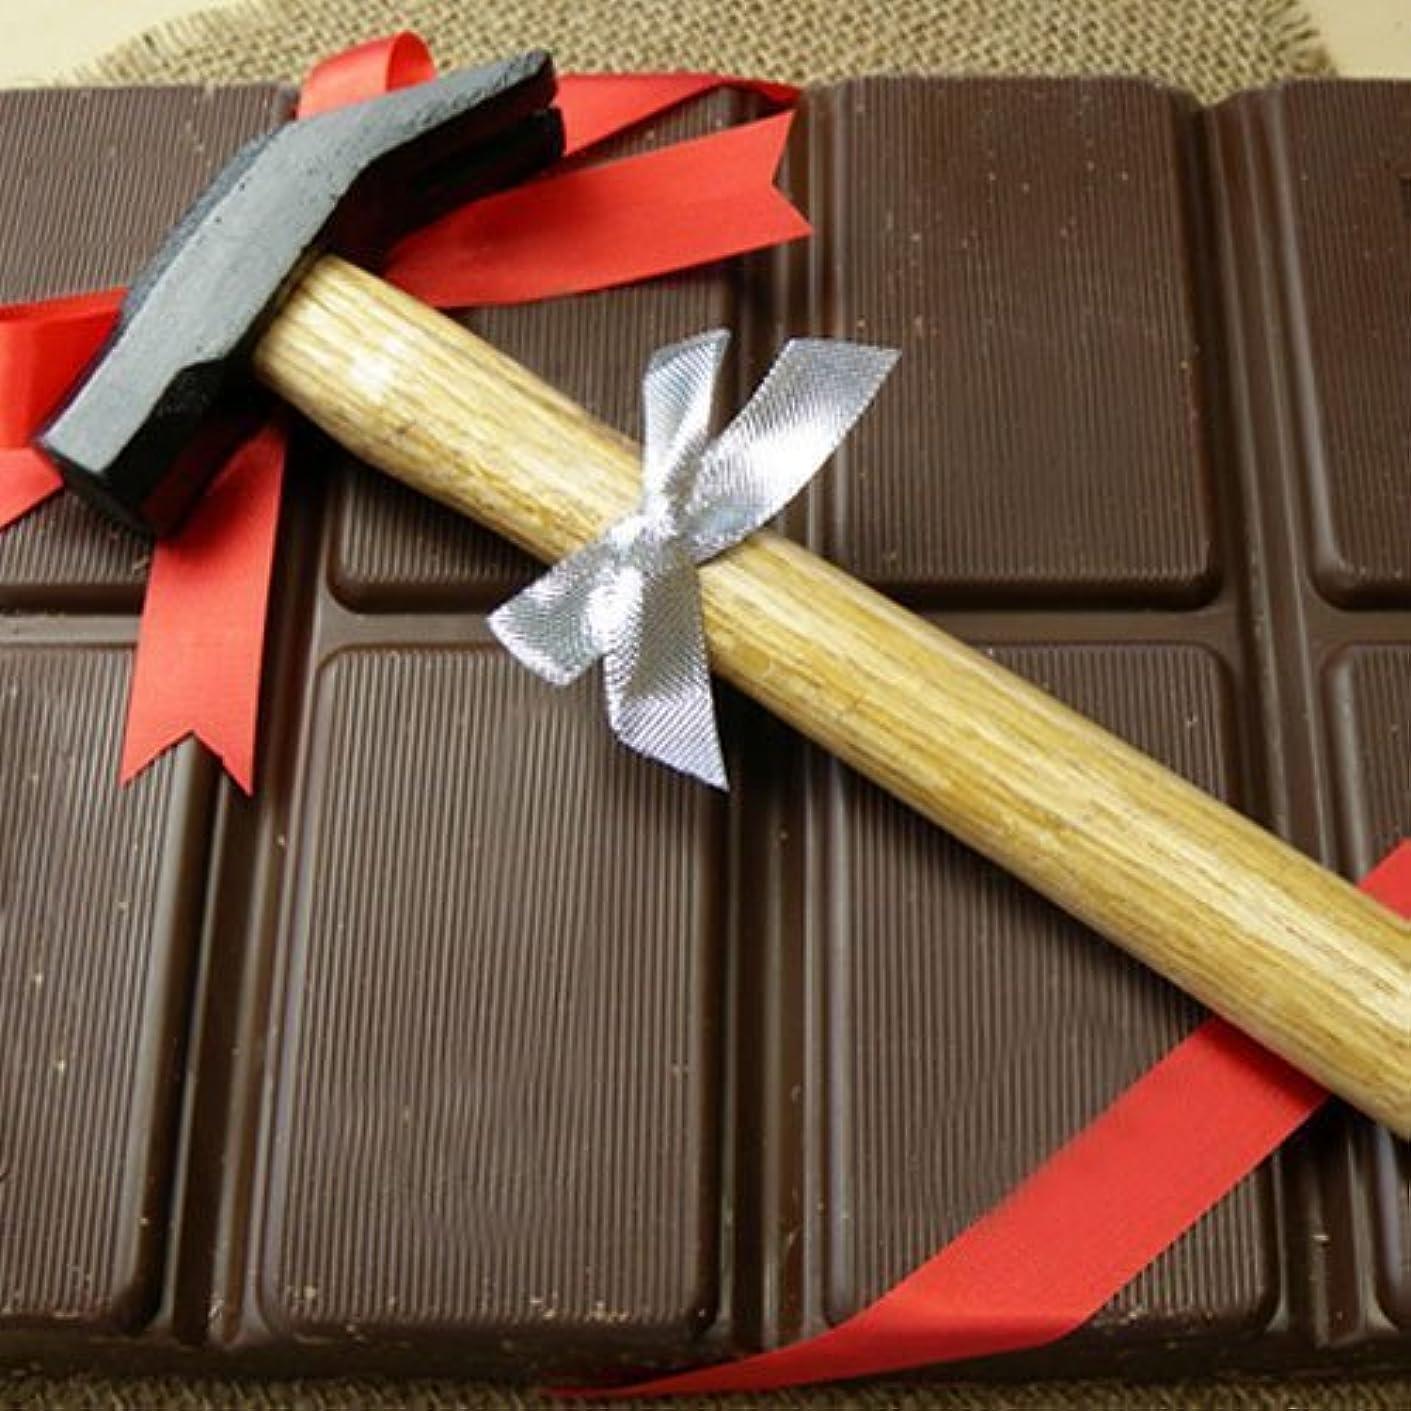 オーストラリア人法医学なんとなく【 株式会社 共栄水産 】でっかい!板スイートチョコレート(業務用)_約2kg×1枚